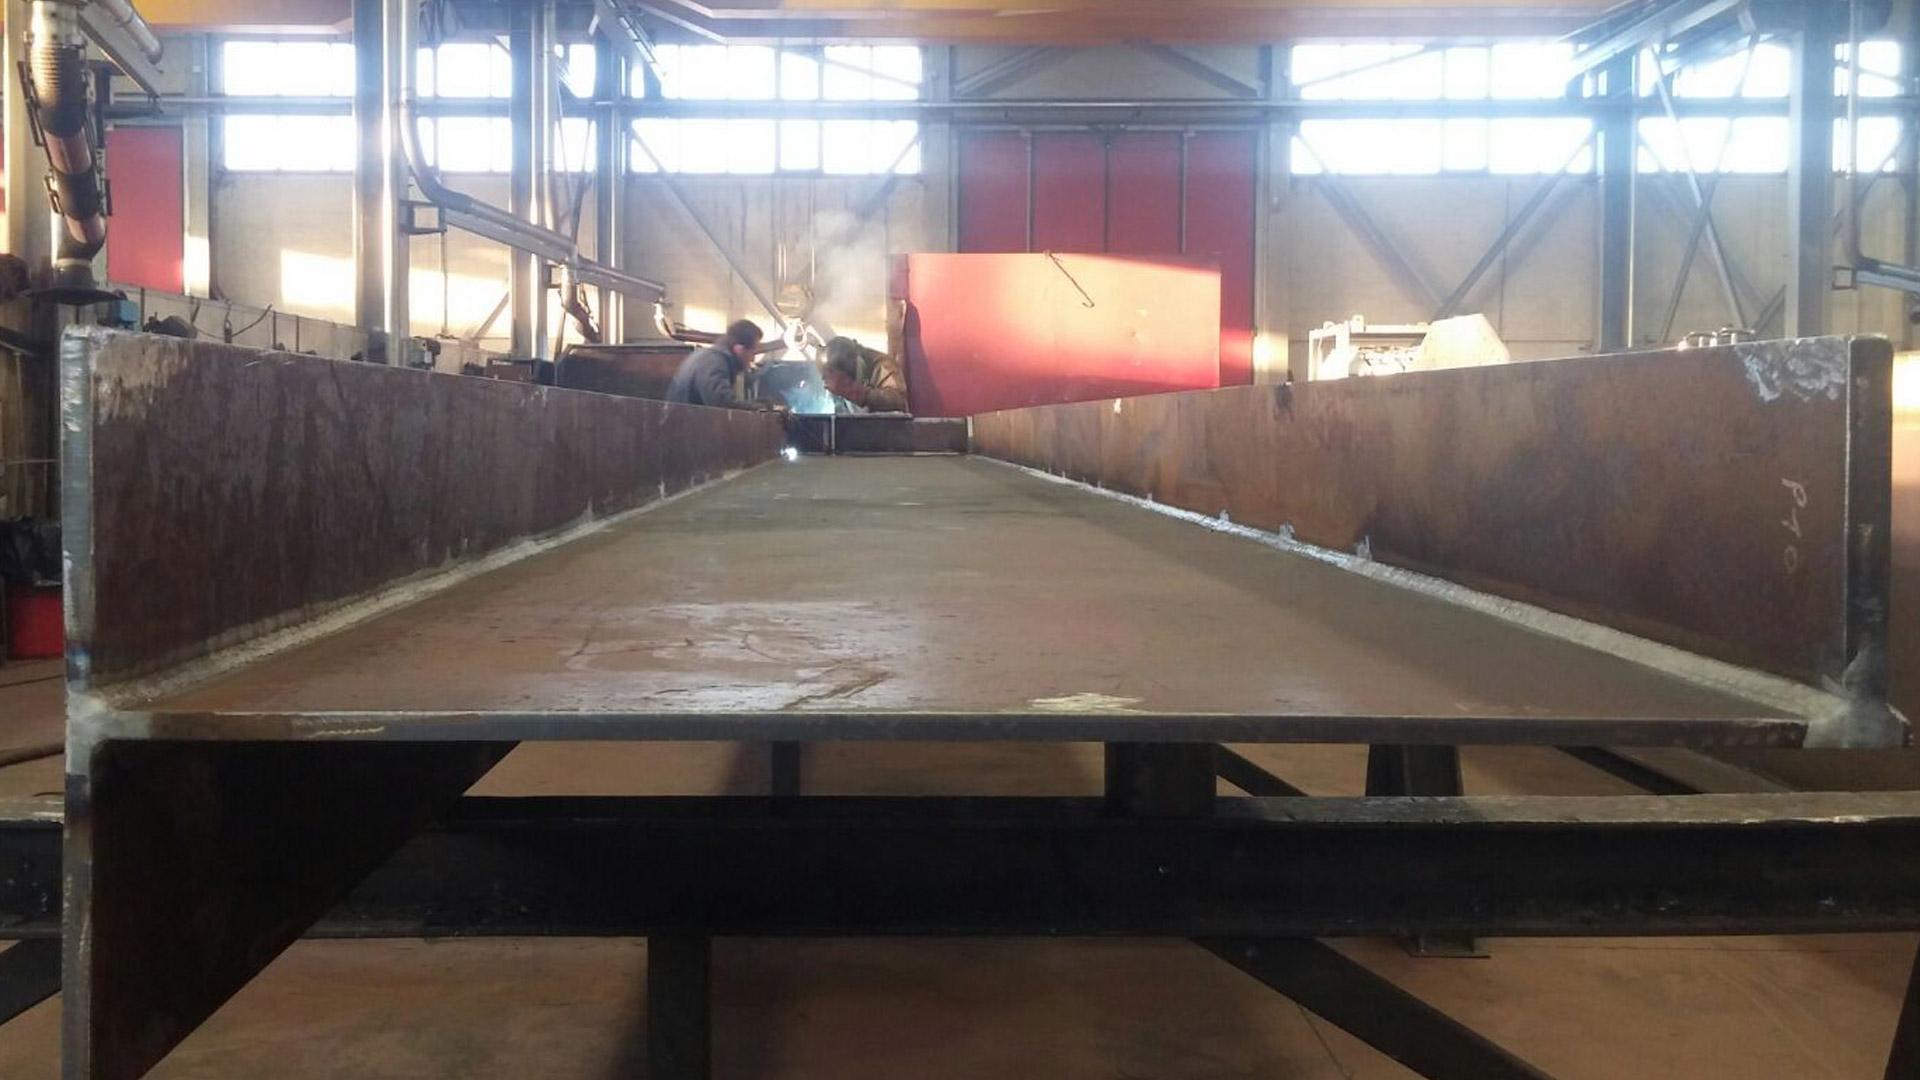 ponte-portella-trave-carpenteria-civile-industriale-metal-engineering